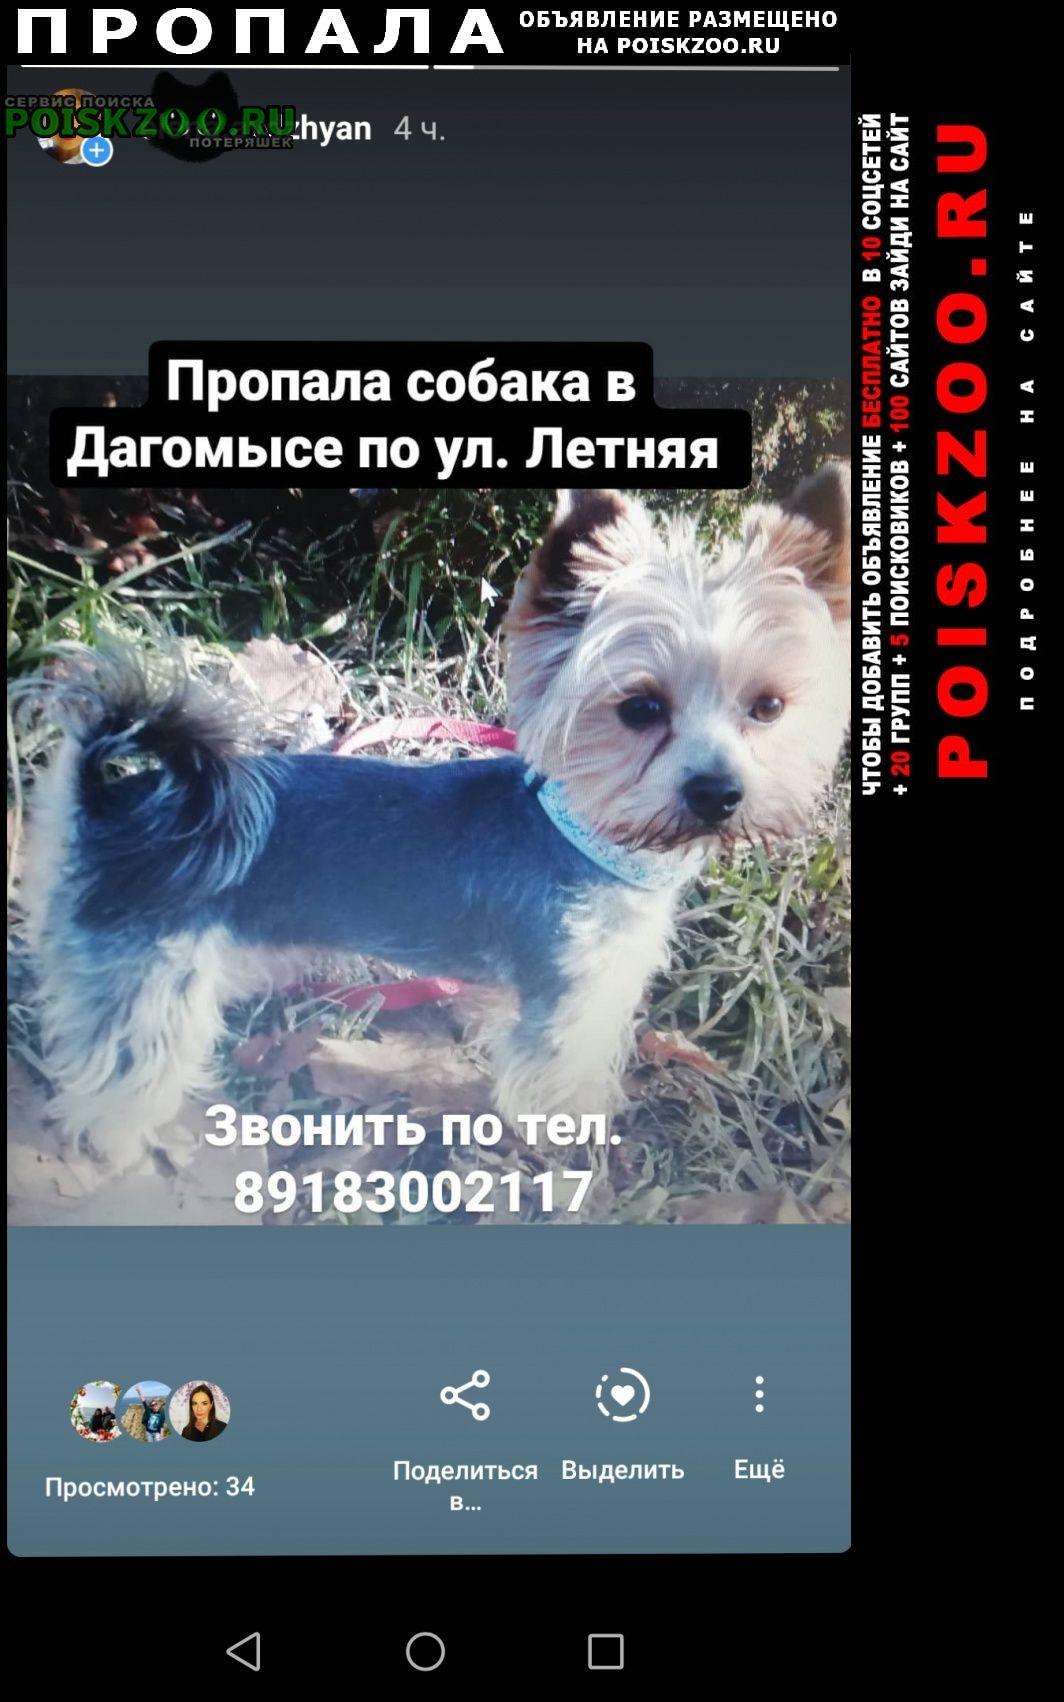 Пропала собака йорик мальчик дагомыс Сочи